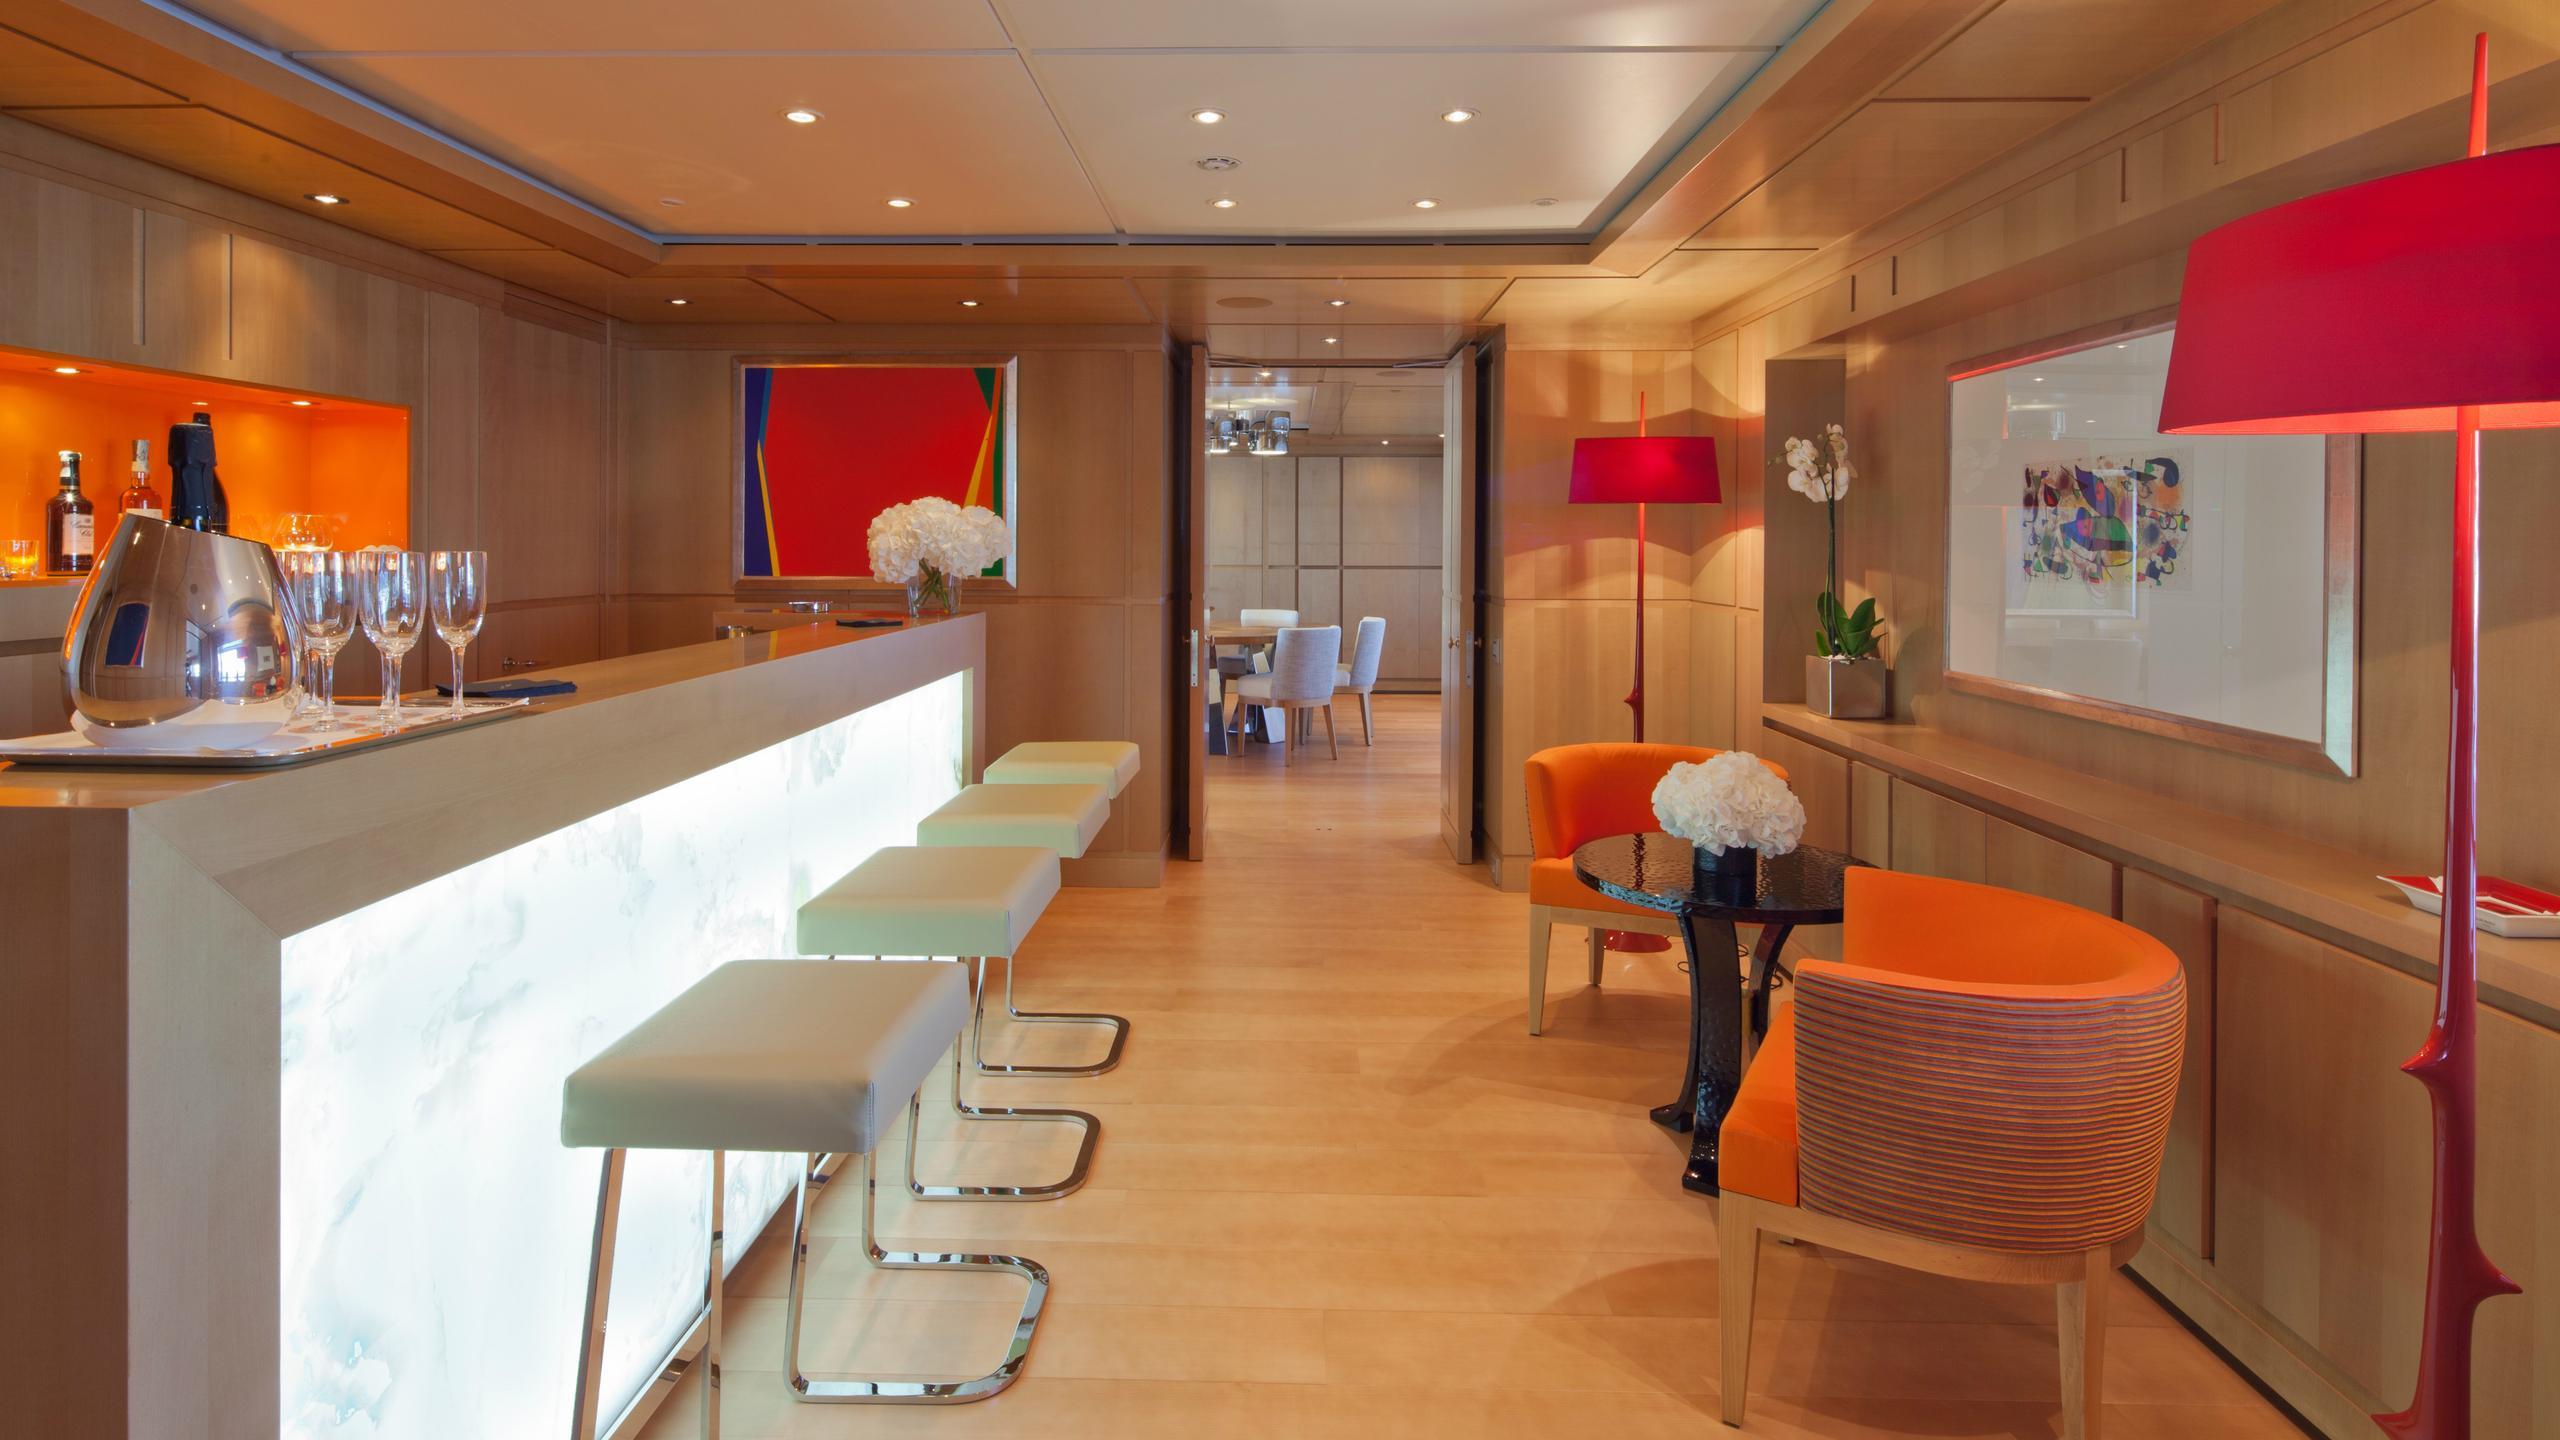 chopi-chopi-motor-yacht-crn-2013-80m-american-bar-upper-deck